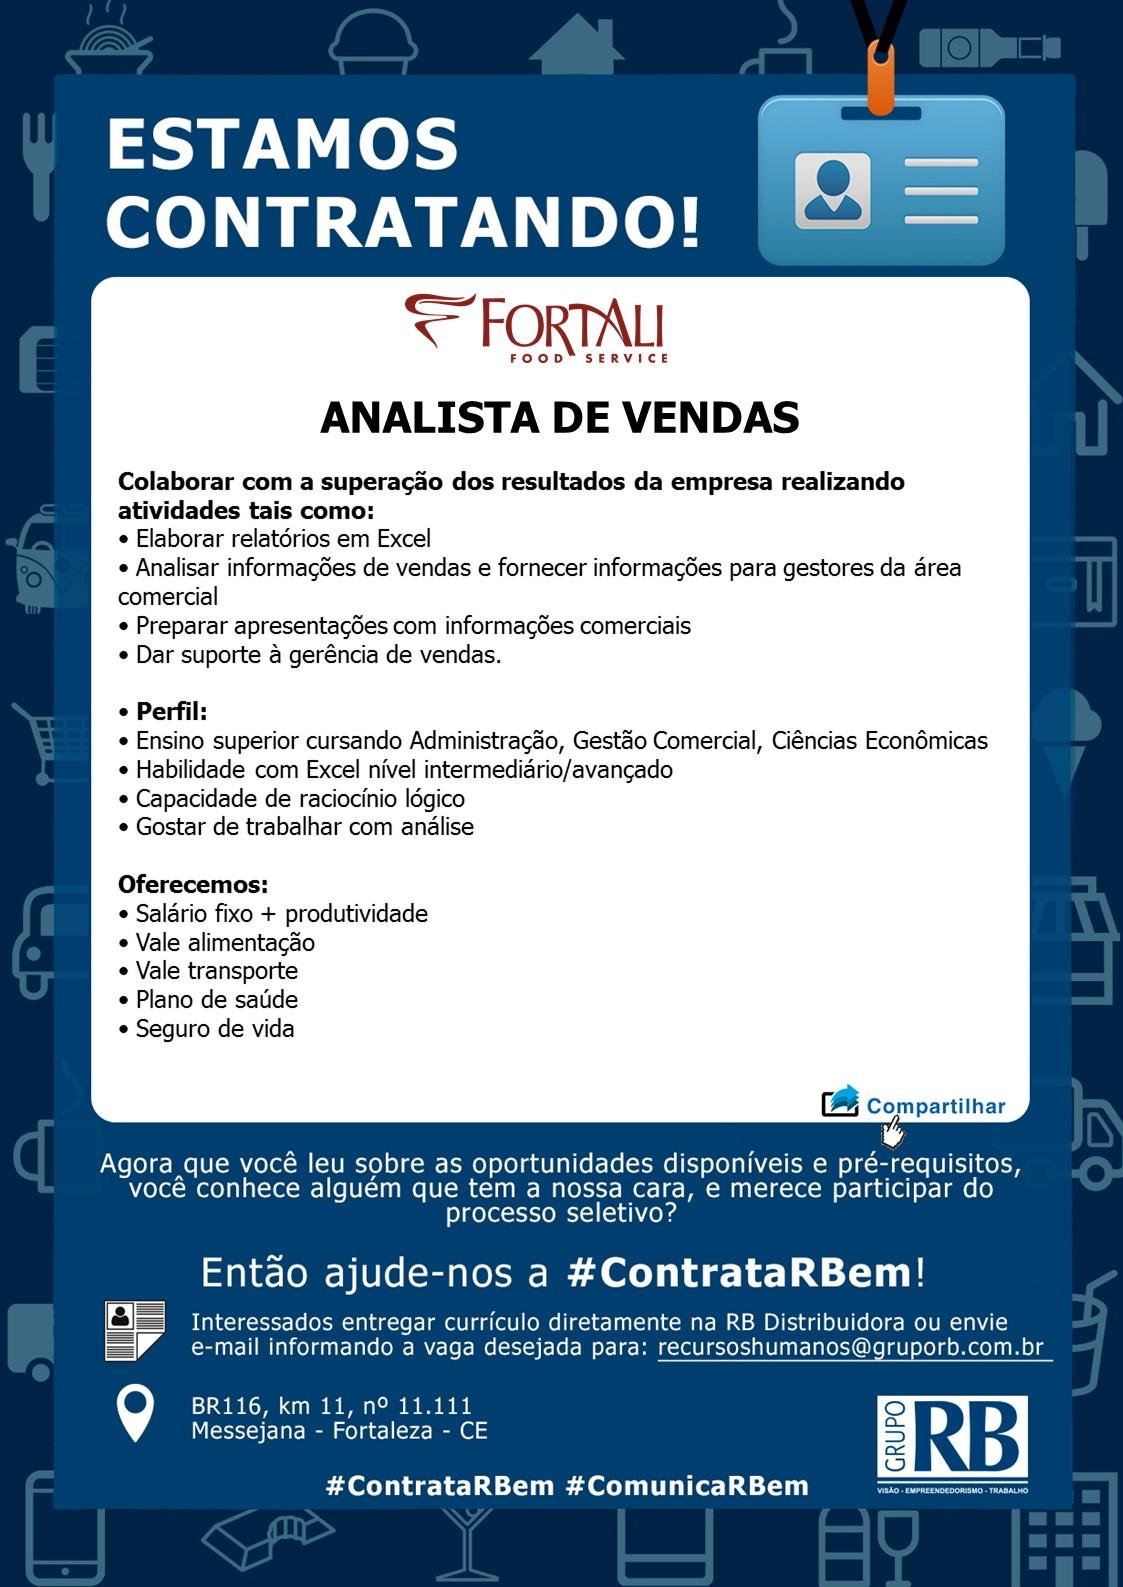 ANALISTA+DE+VENDAS